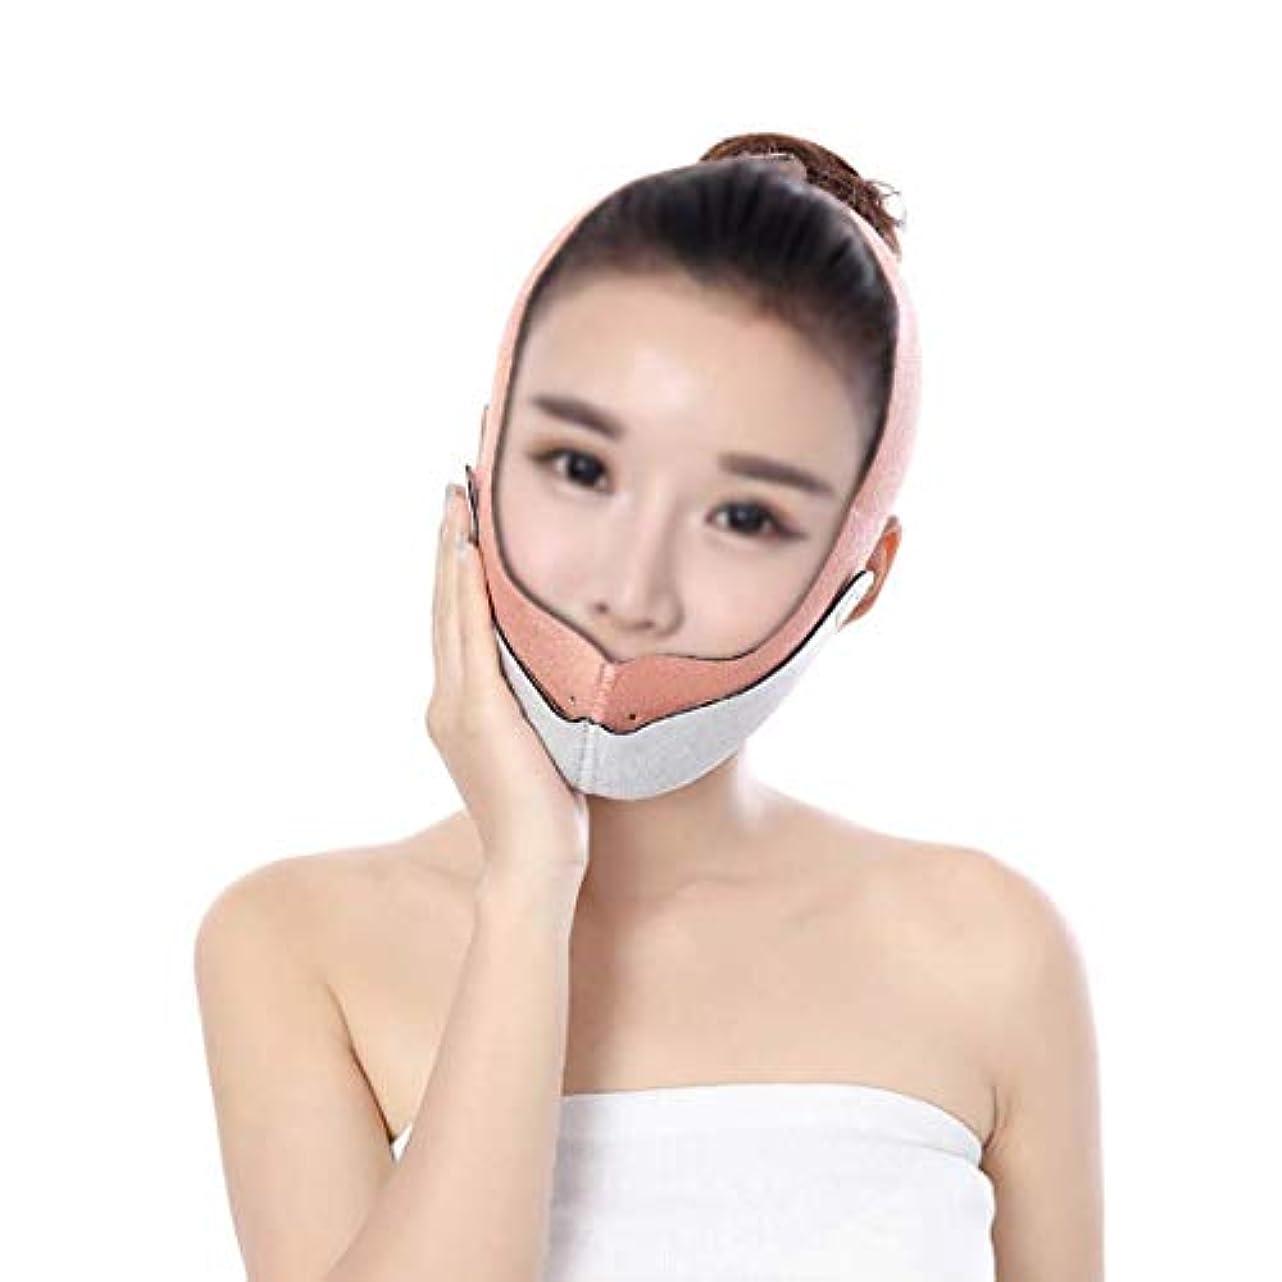 ボート指定容量ファーミングフェイスマスク、フェイスリフティングアーティファクト修正フェイスリフティングベルトたるみ防止包帯美容マスクマスクV顔布ツール